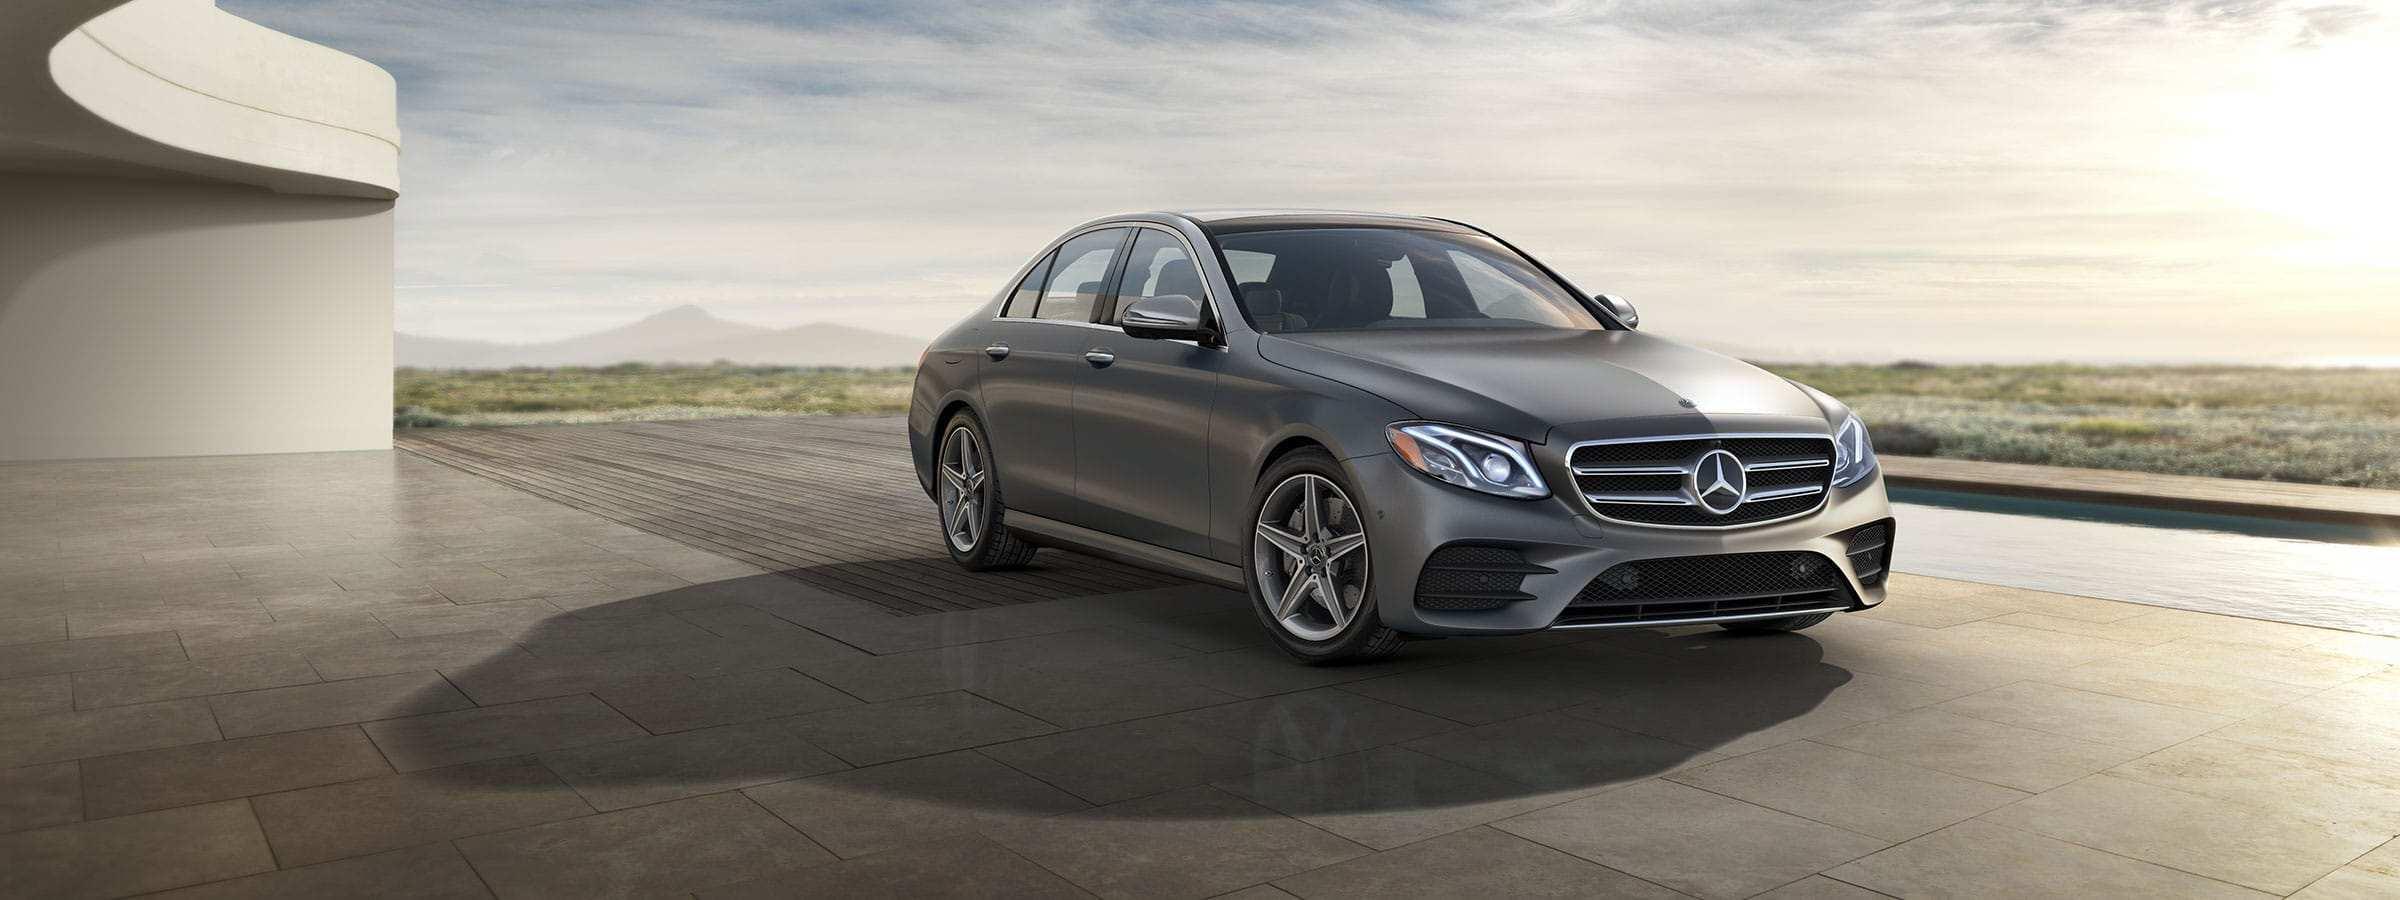 93 New 2019 Mercedes A Class Usa Performance for 2019 Mercedes A Class Usa